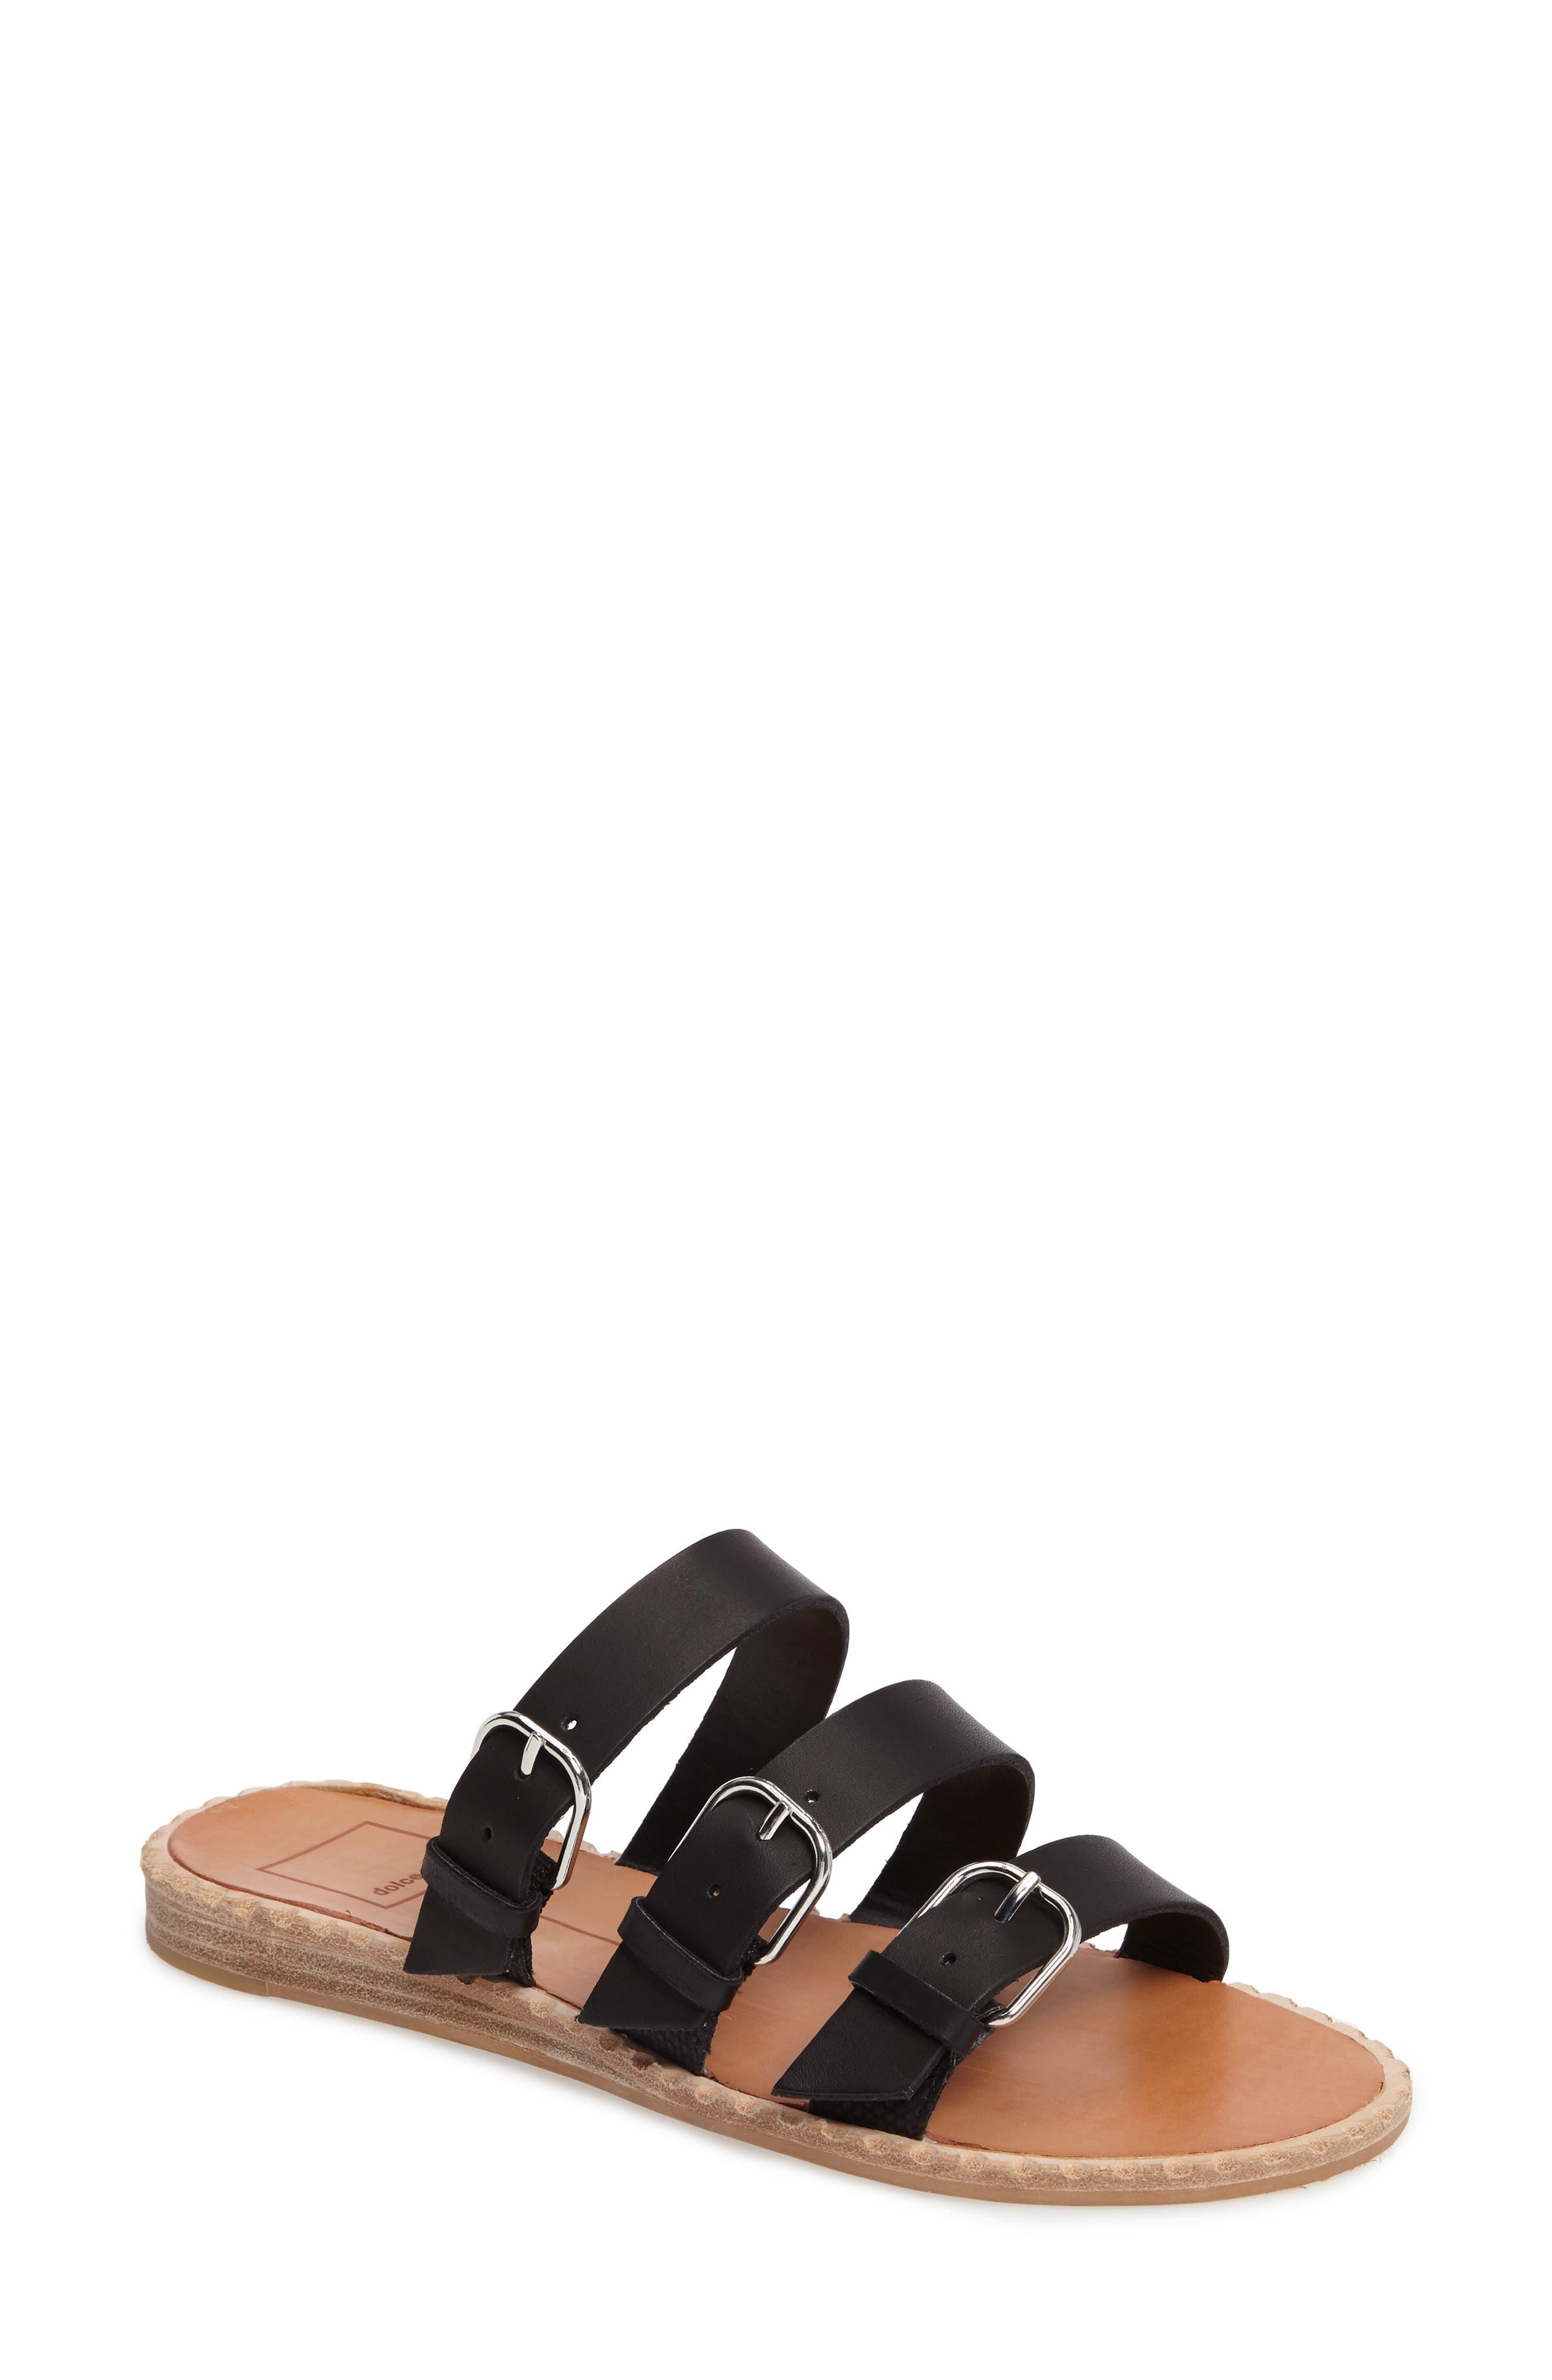 Alternate Image 1 Selected - Dolce Vita Para Sandal (Women)